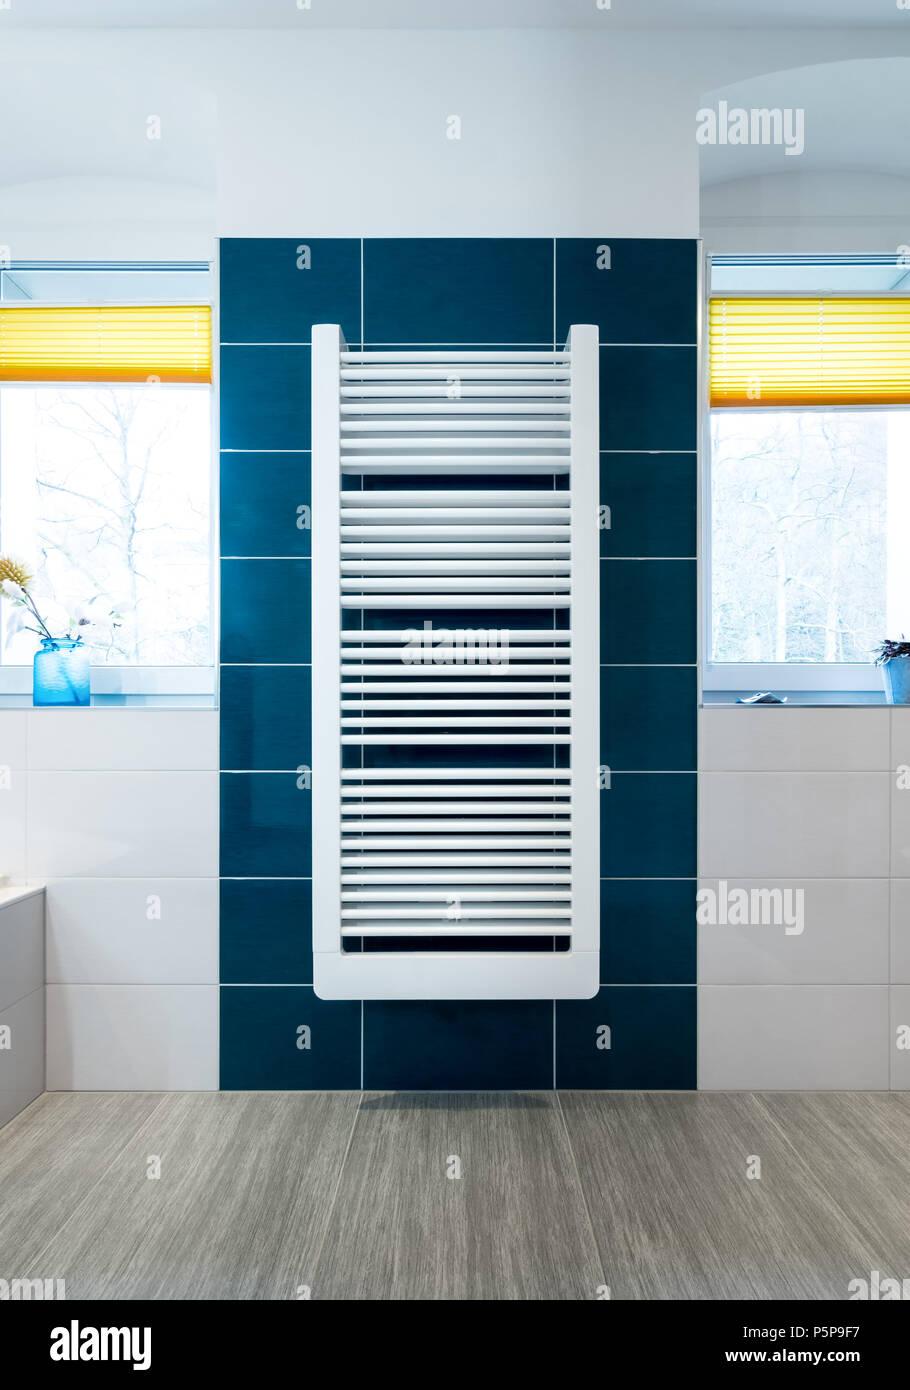 Weißes Handtuch Trockner auf einem Blau gefliesten Badezimmer Wand